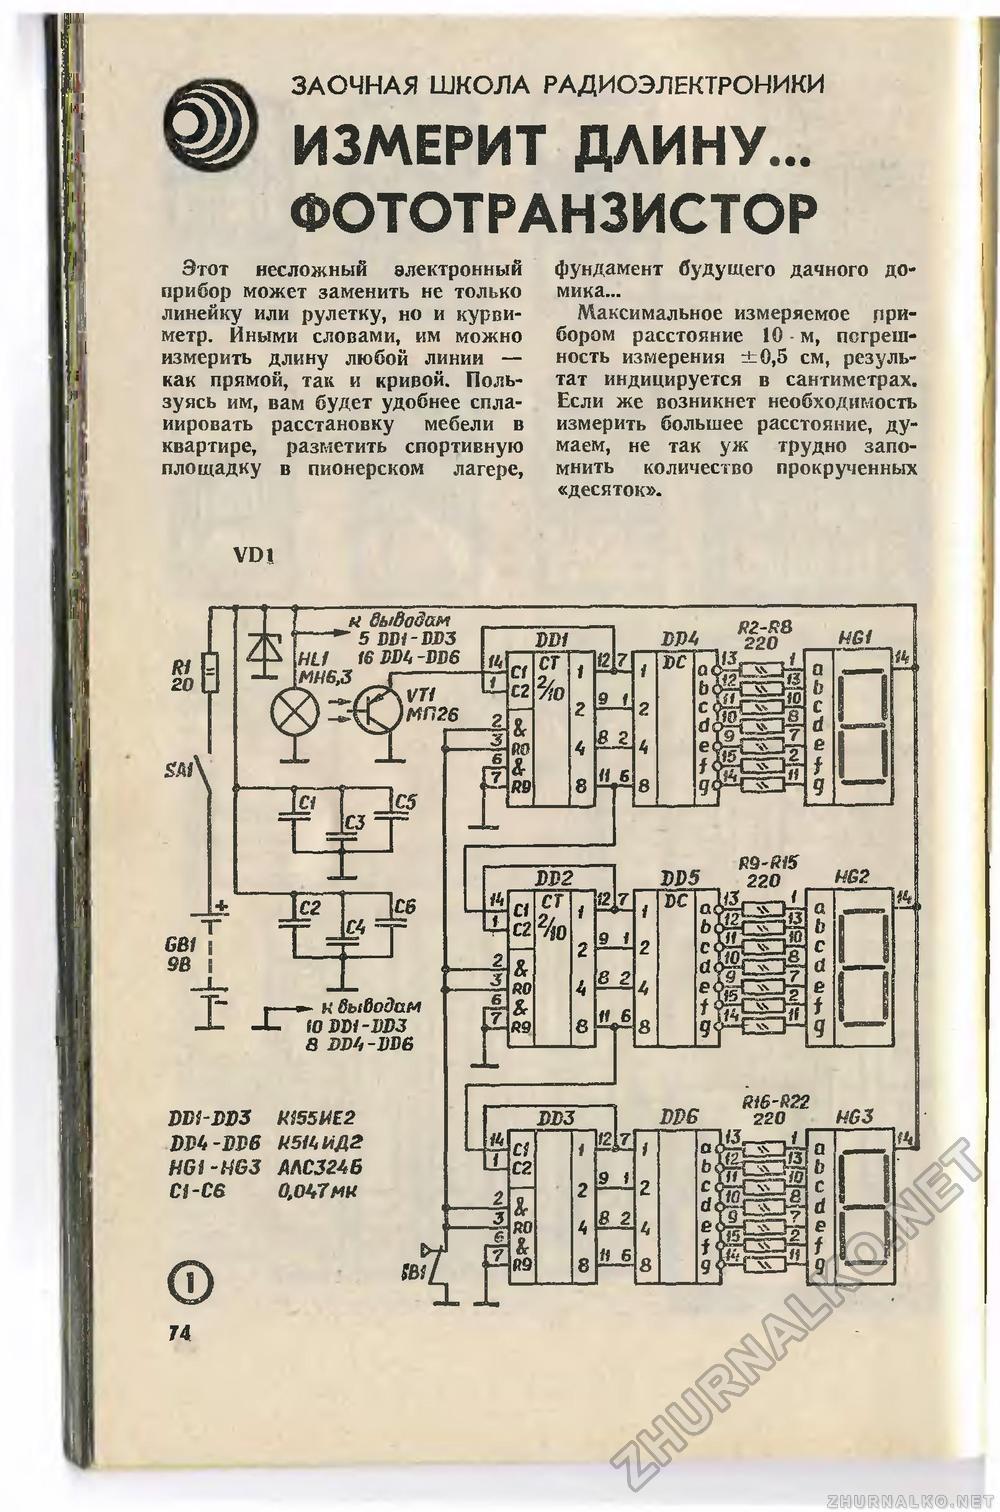 Журналы По Радиоэлектронике Скачать